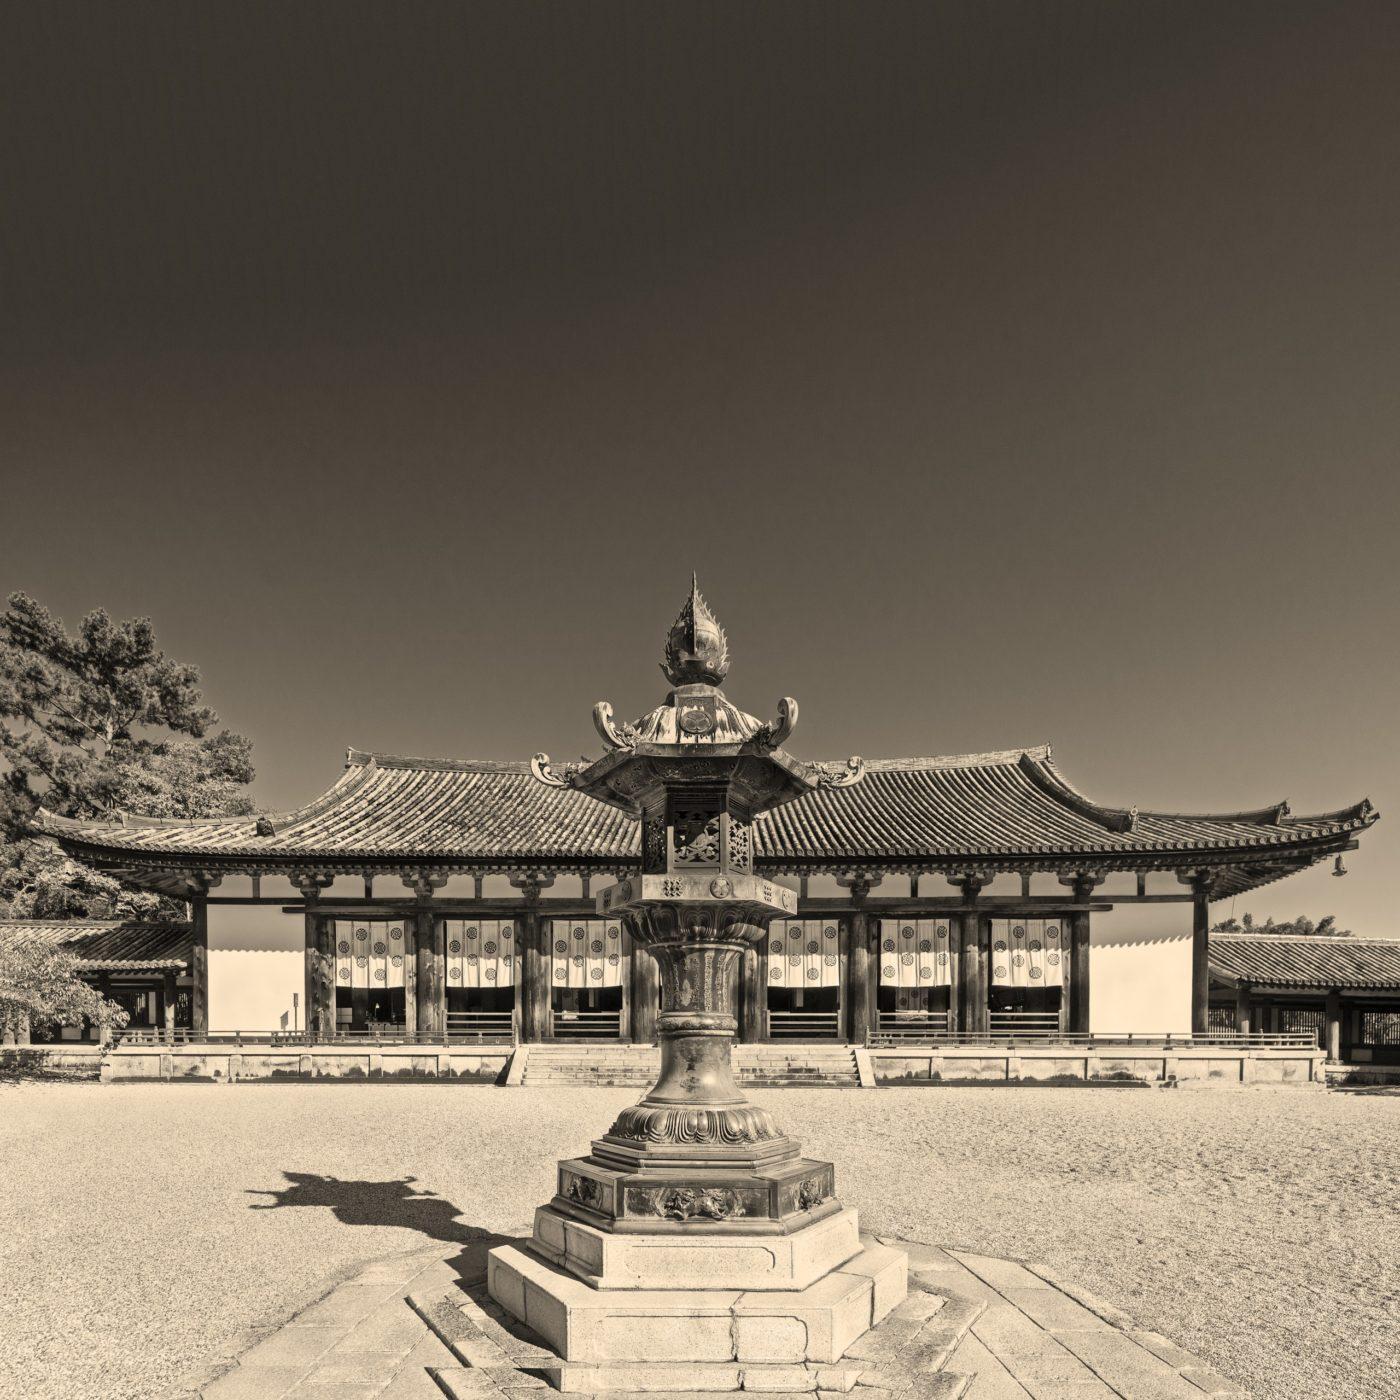 法隆寺大講堂のレトロなアルビューメンプリントのモノクロ写真, Horyuji, albumen print, Daikodo, monochrome, デジタルネガ